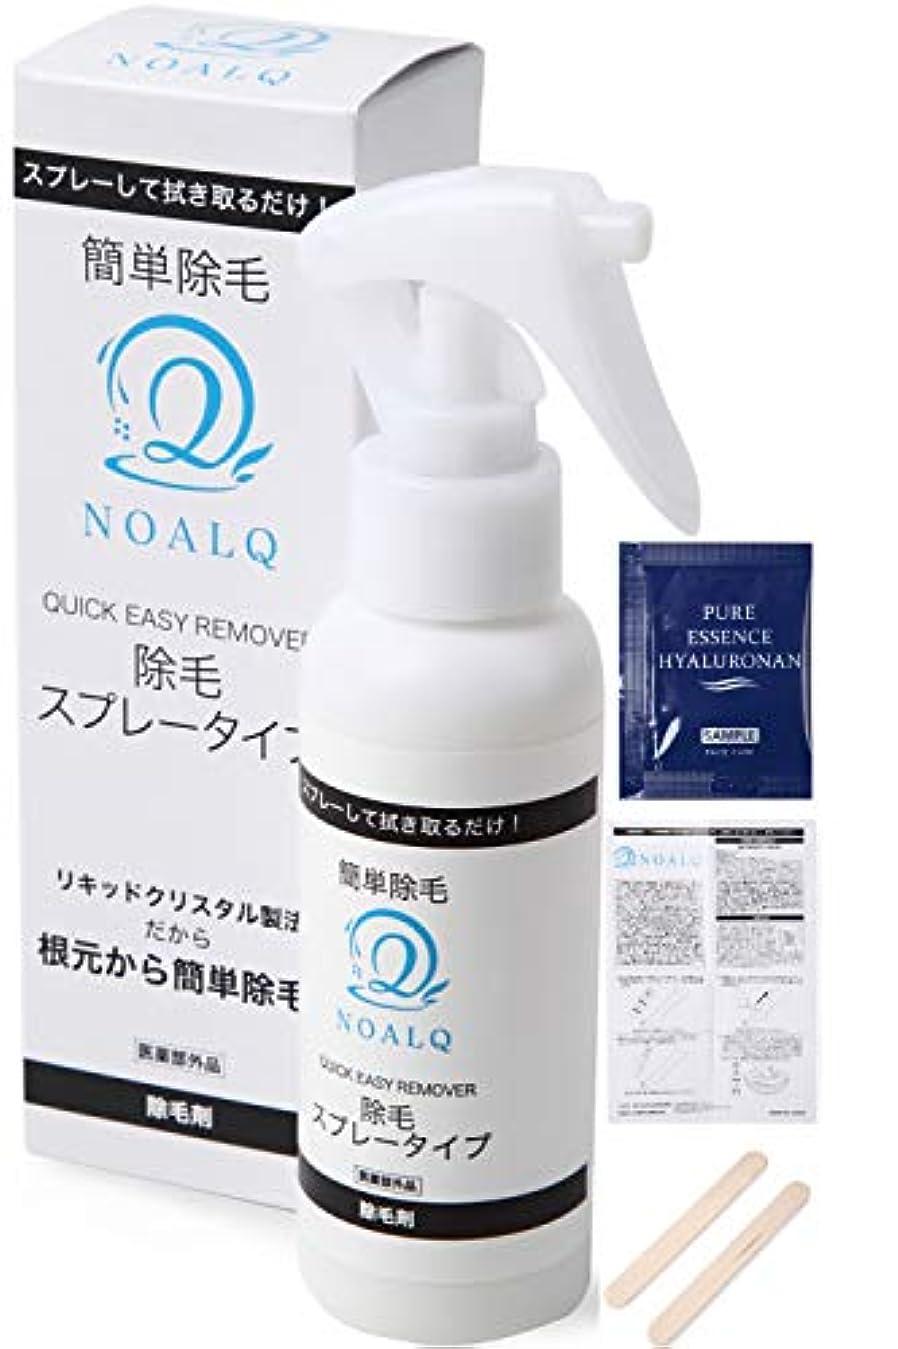 広告するどきどき走るNOALQ 除毛スプレー 医薬部外品